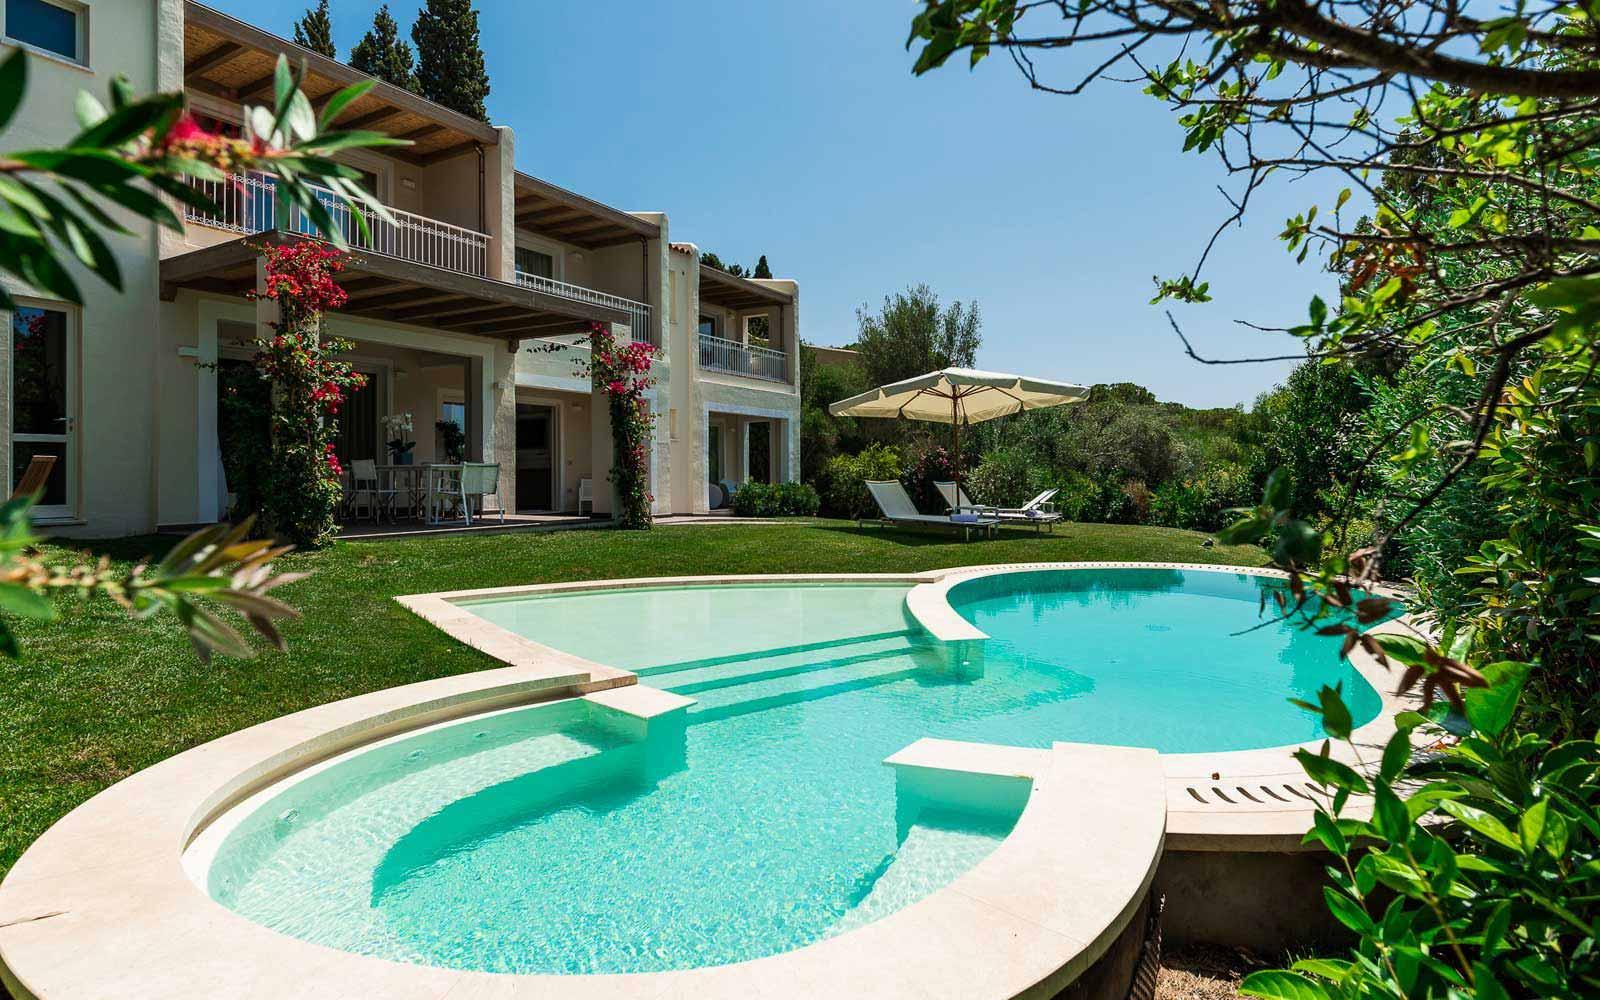 Villa Chiara at Forte Village Resort